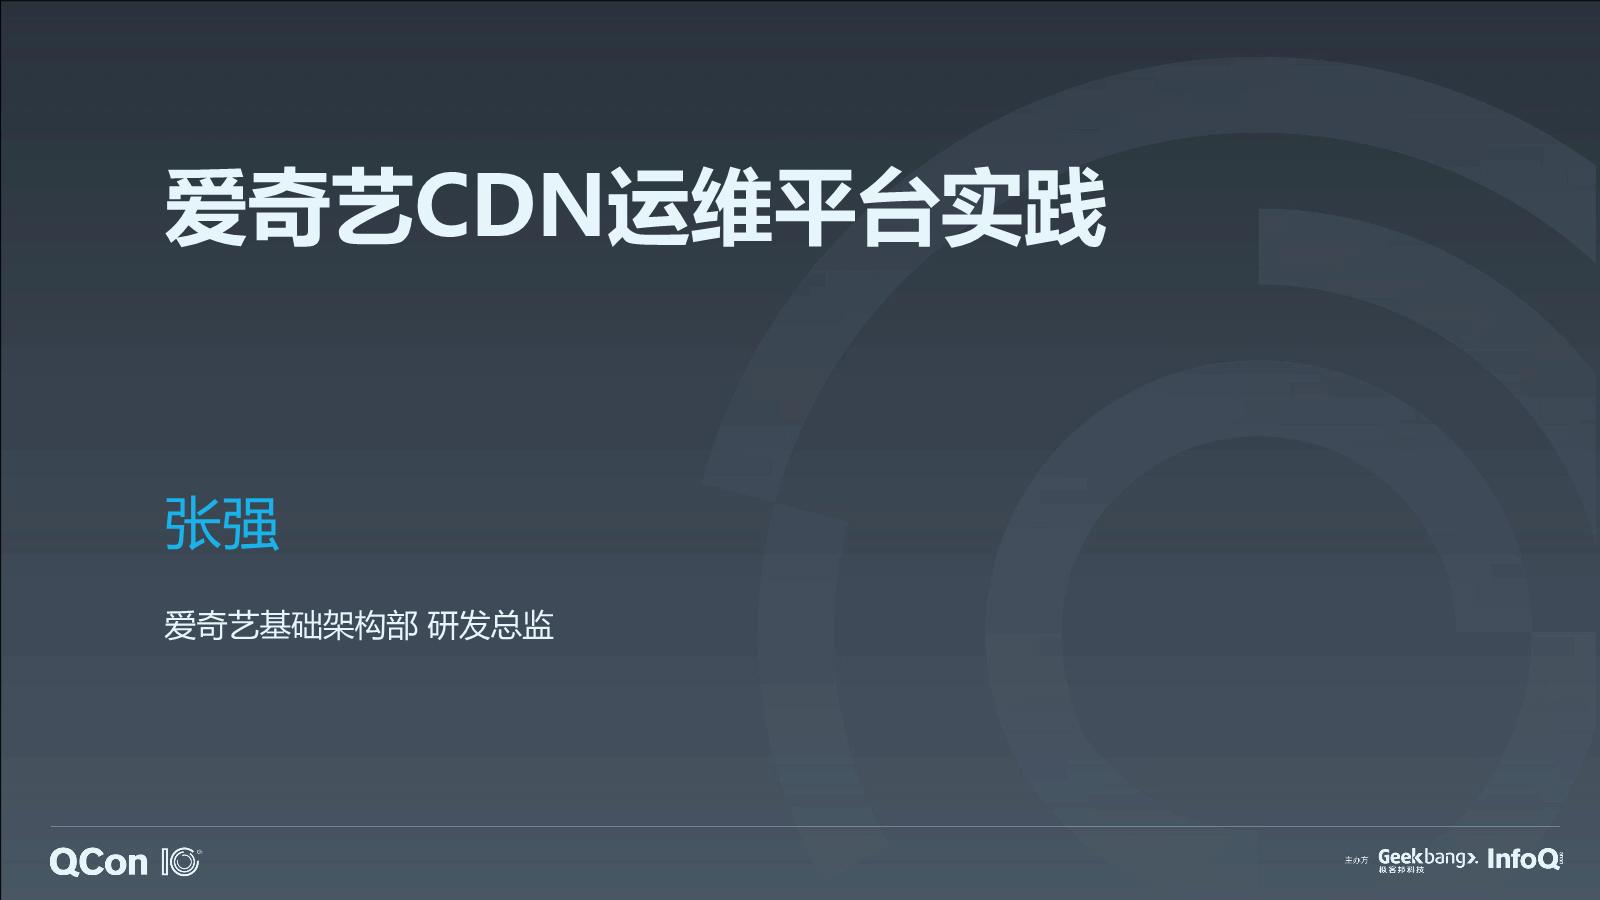 张强-爱奇艺CDN运维平台实践